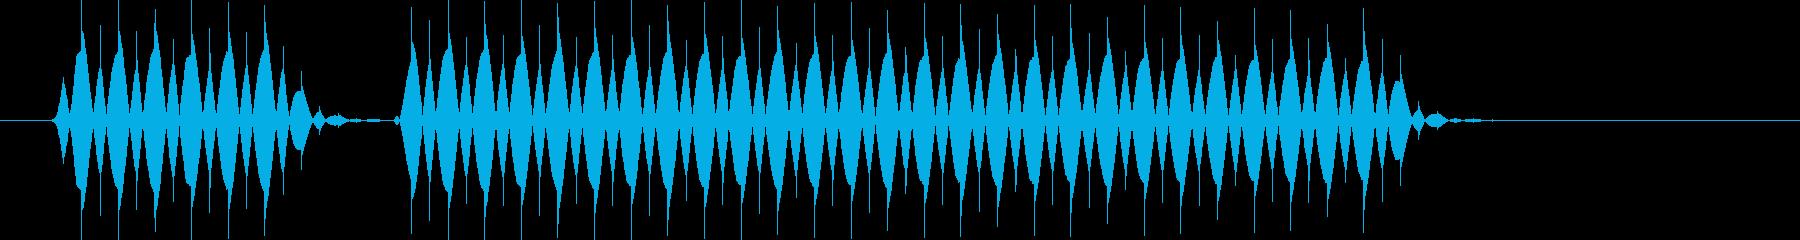 ぶぶーの再生済みの波形